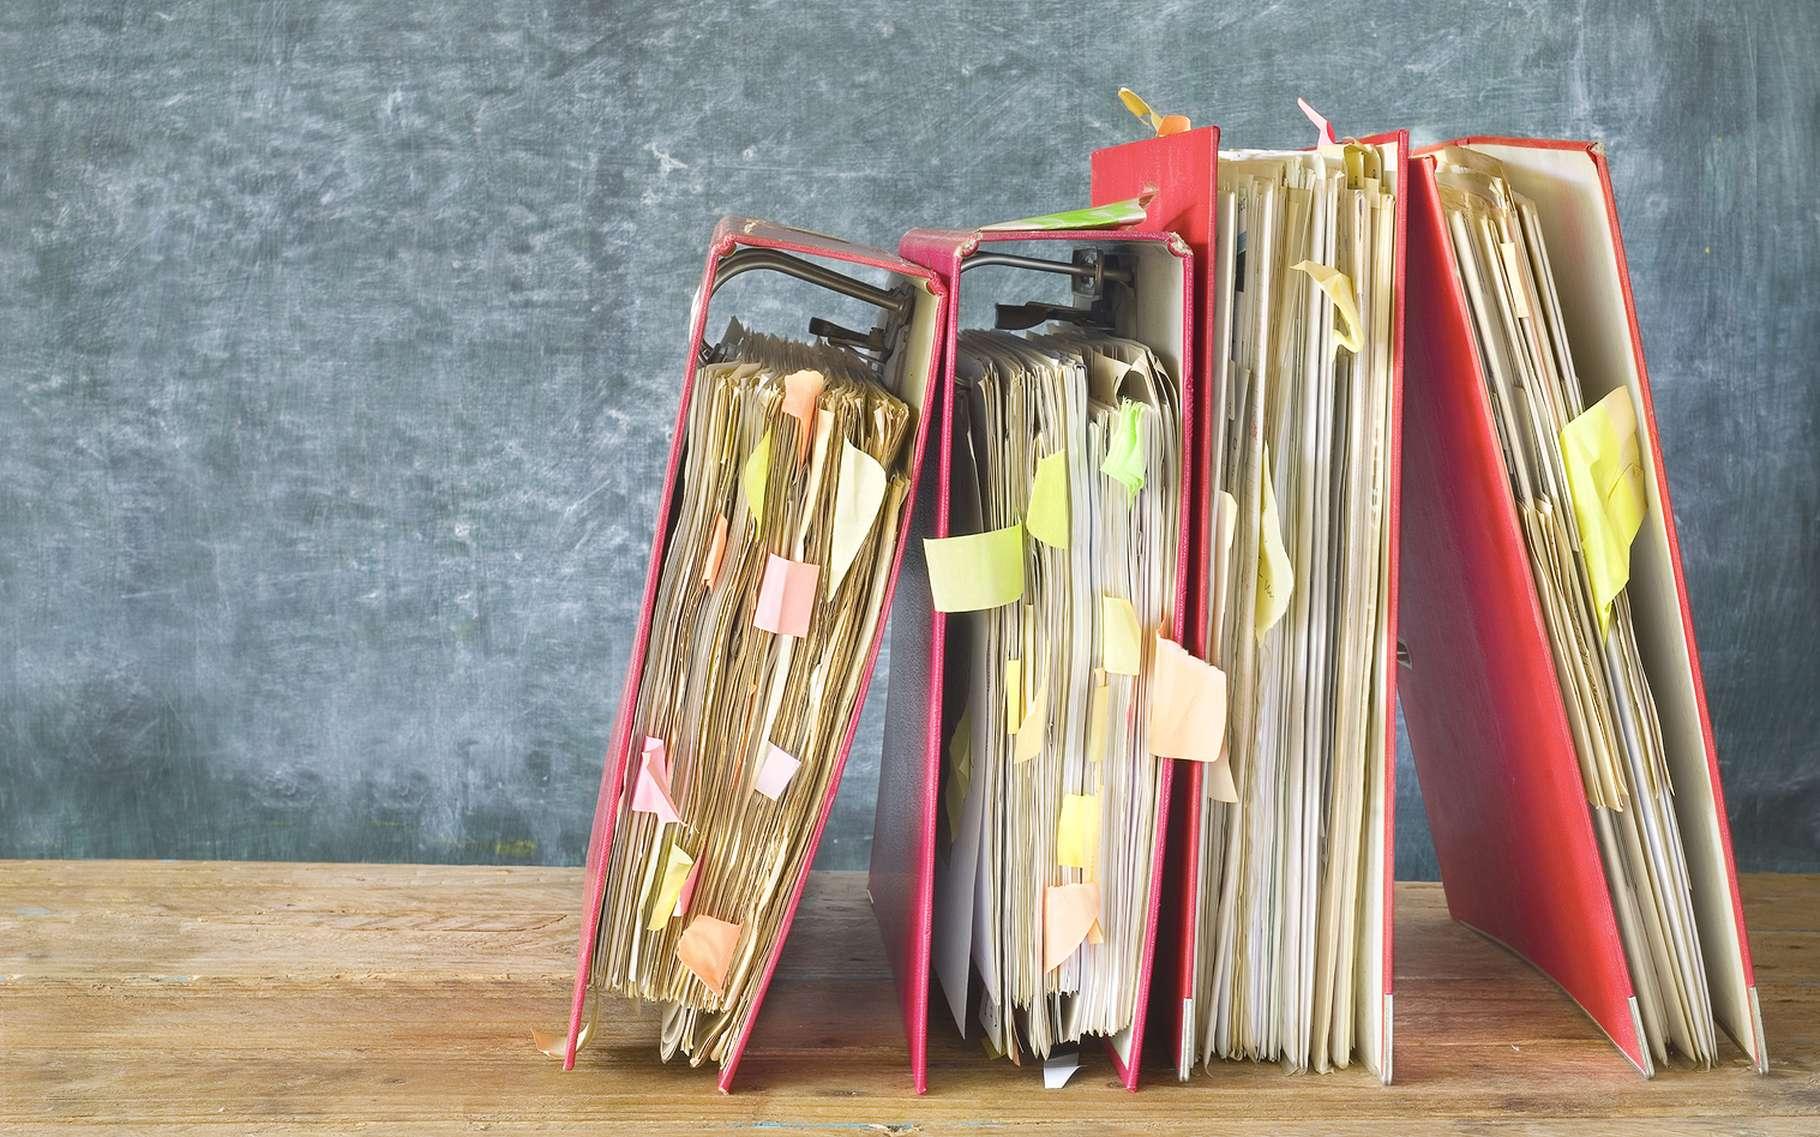 Il n'est jamais facile de faire le tri dans ses dossiers, qu'ils soient dans des classeurs ou sur un ordinateur ! Voici une astuce pour renommer des fichiers en masse sur Windows. © Thomas Bethge, Shutterstock